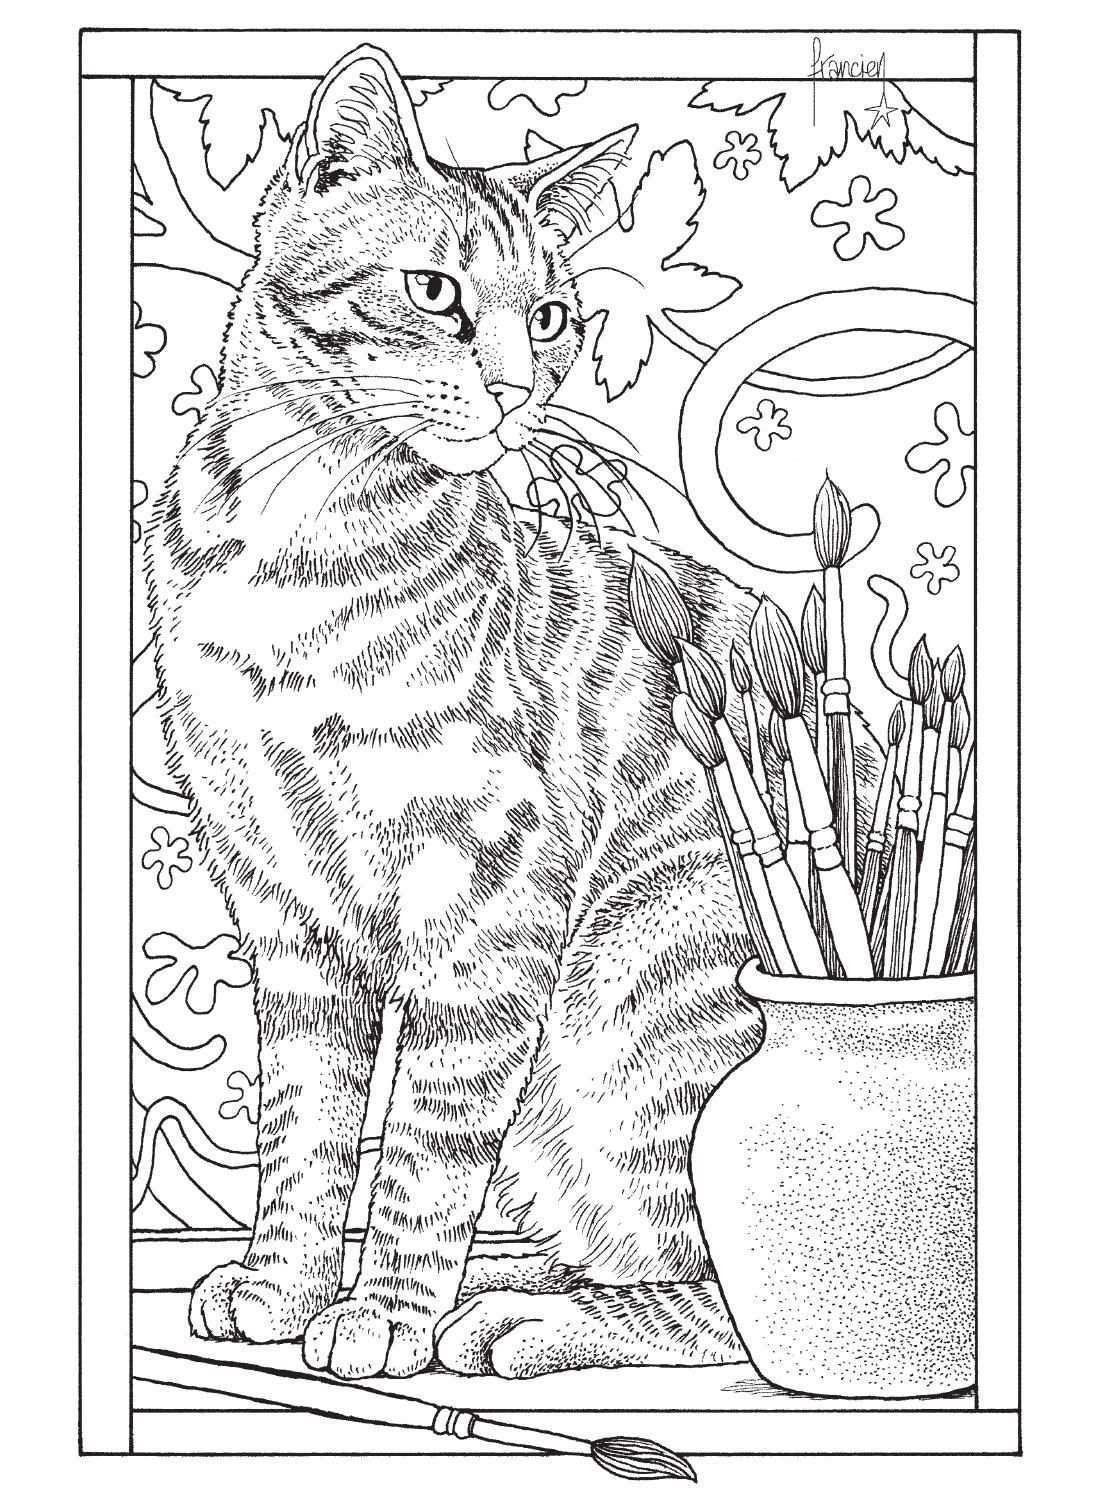 Inkijkexemplaar Franciens Kattenkleurboek Om Te Versturen Francien Van Westering Kleurboek Volwassen Kleurboeken Dieren Kleurplaten